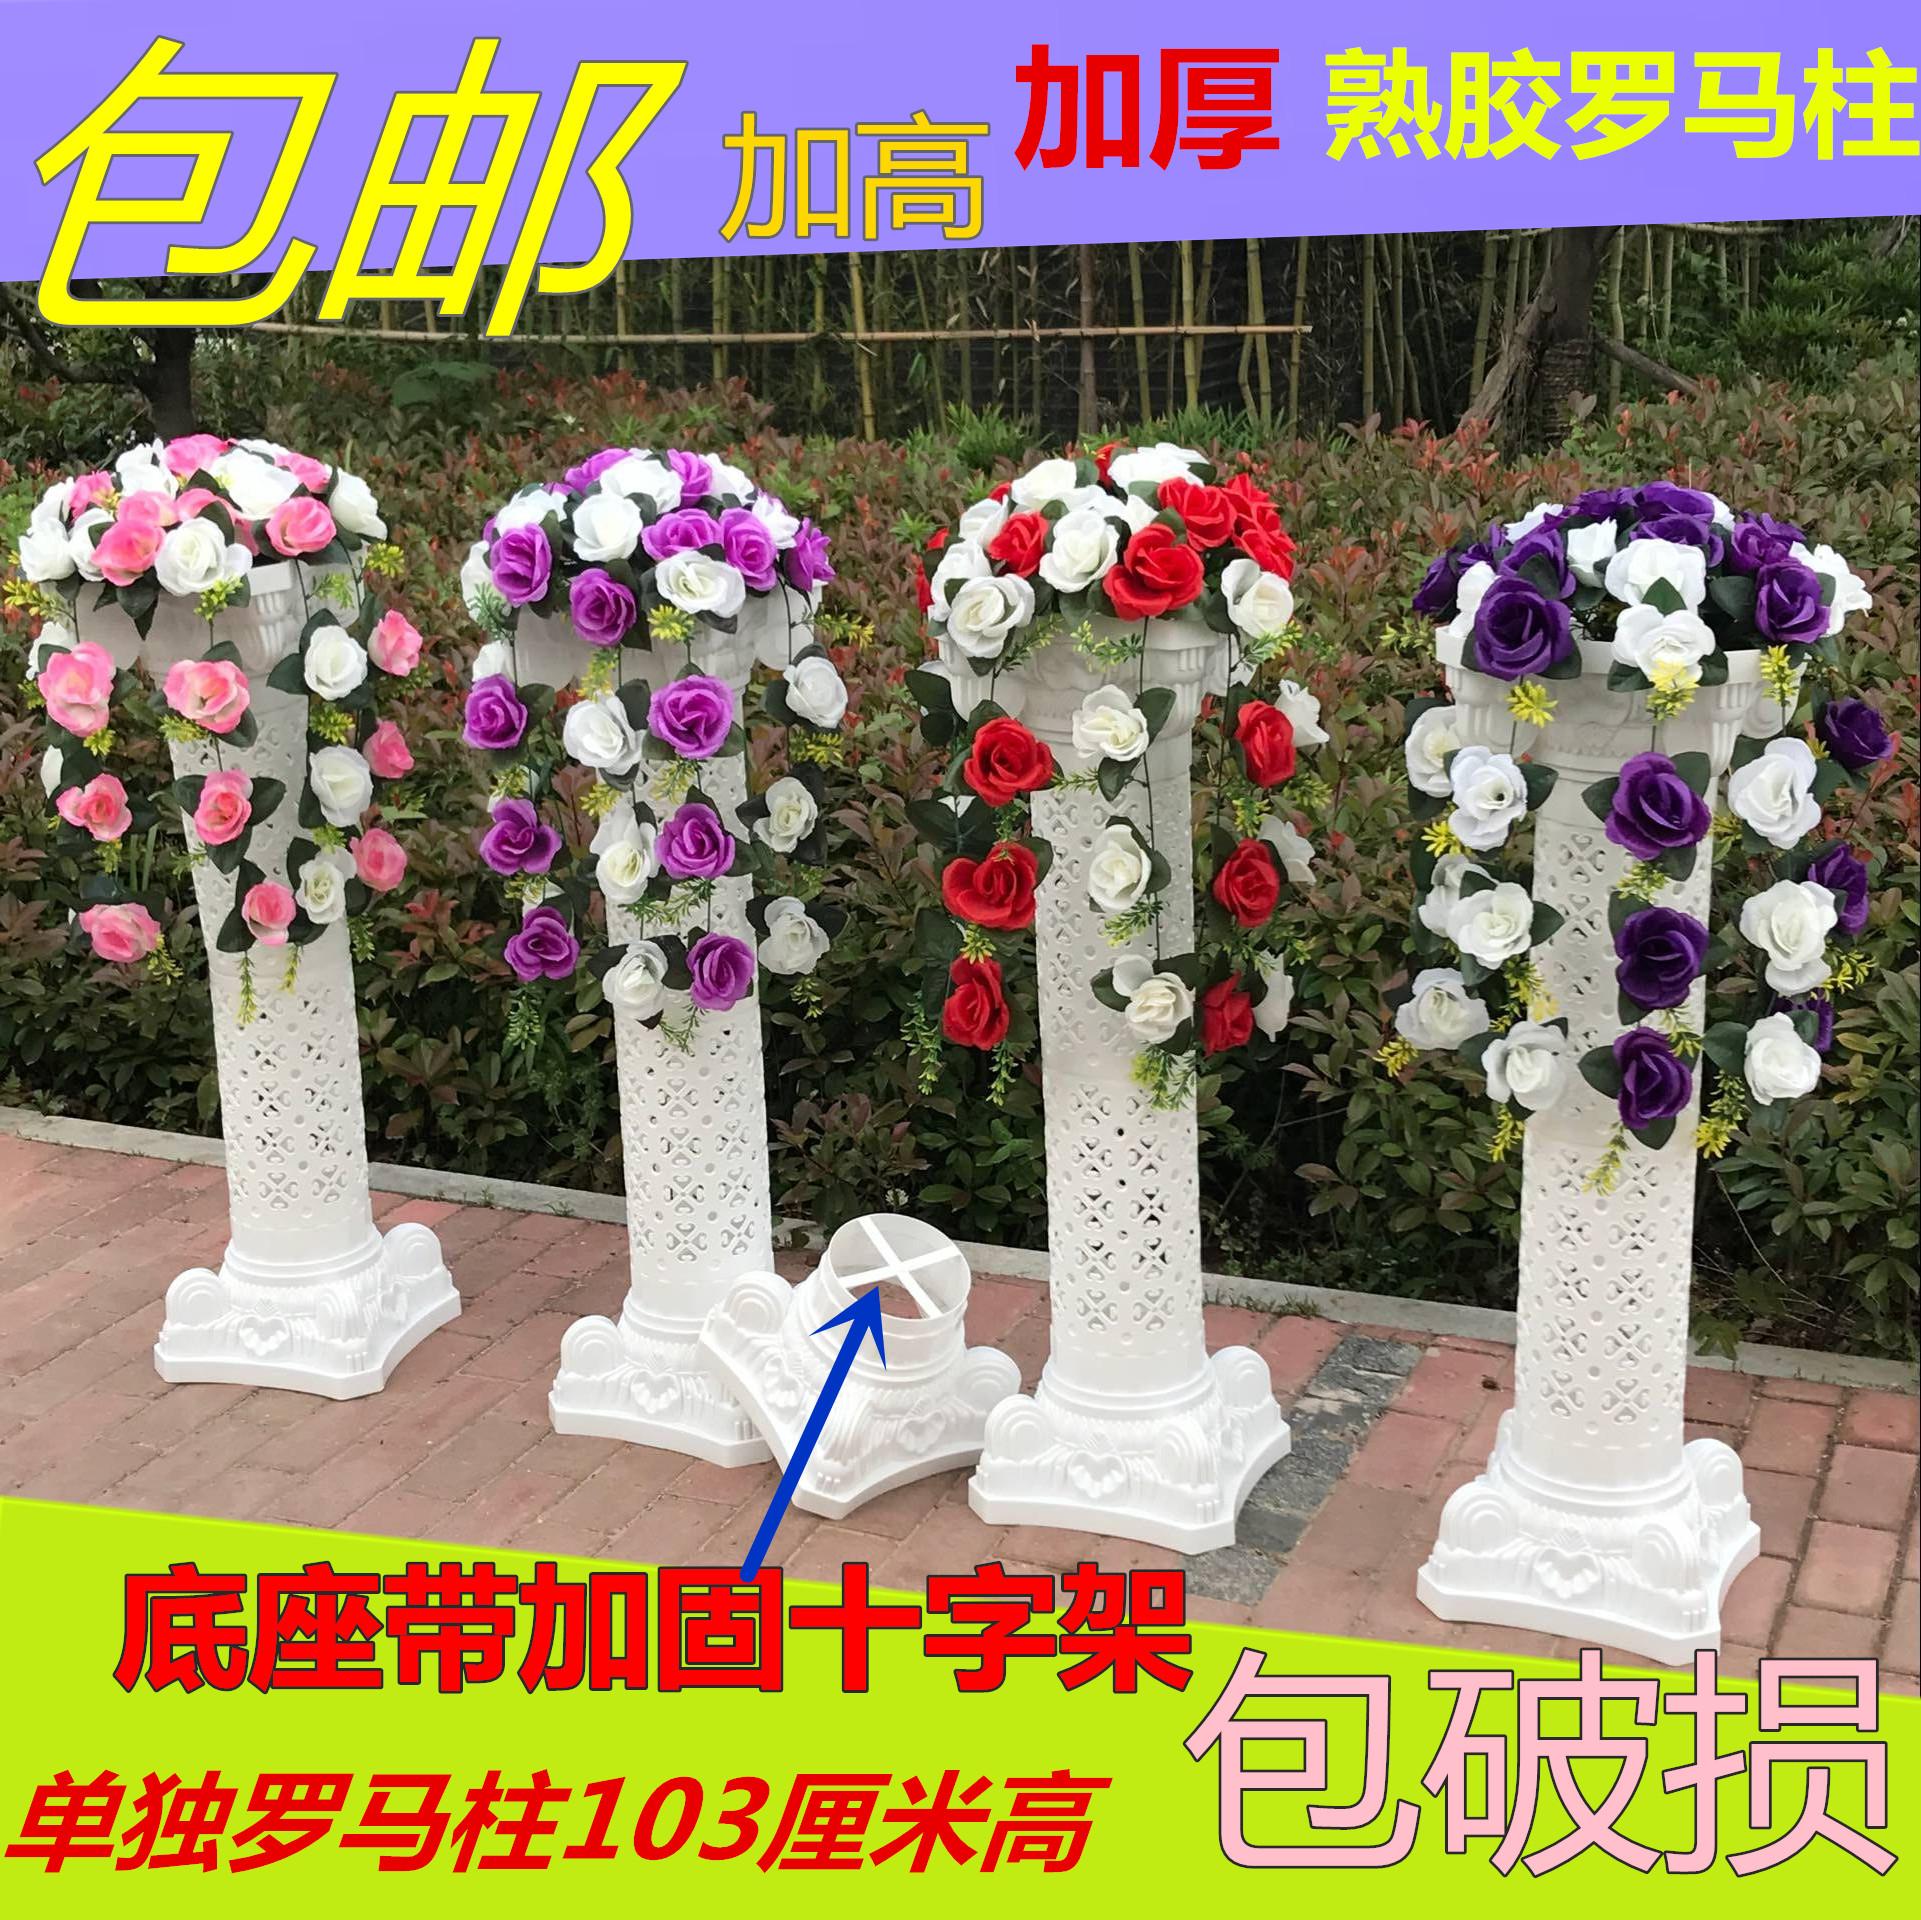 Свадьба реквизит римские колонны привел новый пирсинг римские колонны открытый деятельность праздновать код ведущий дорога корзины свадьба цветок колонка